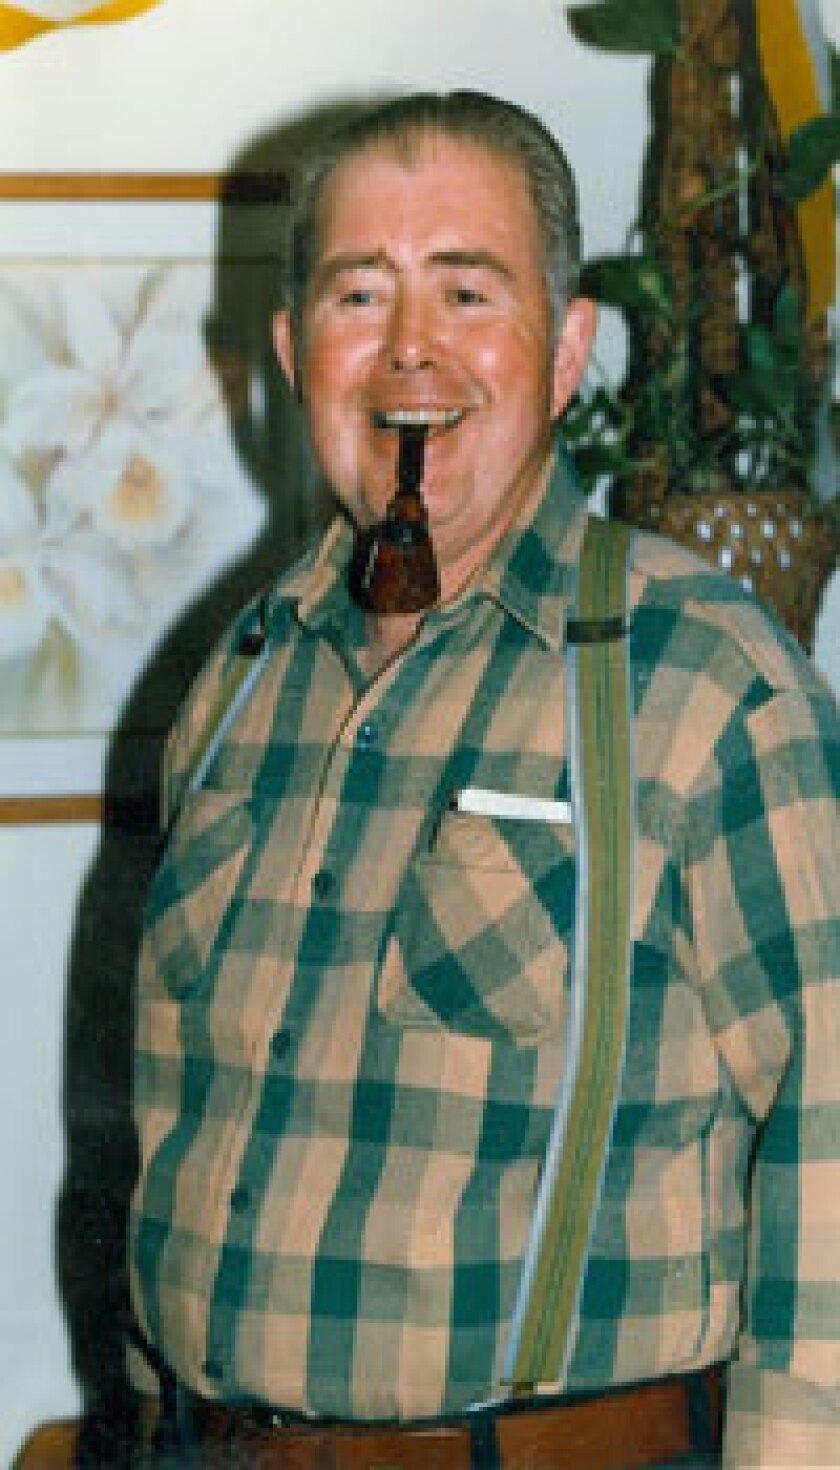 Anderson Stevenson Wilke Funeral james lloyd keys jr. september 25, 1930 - march 3, 2013